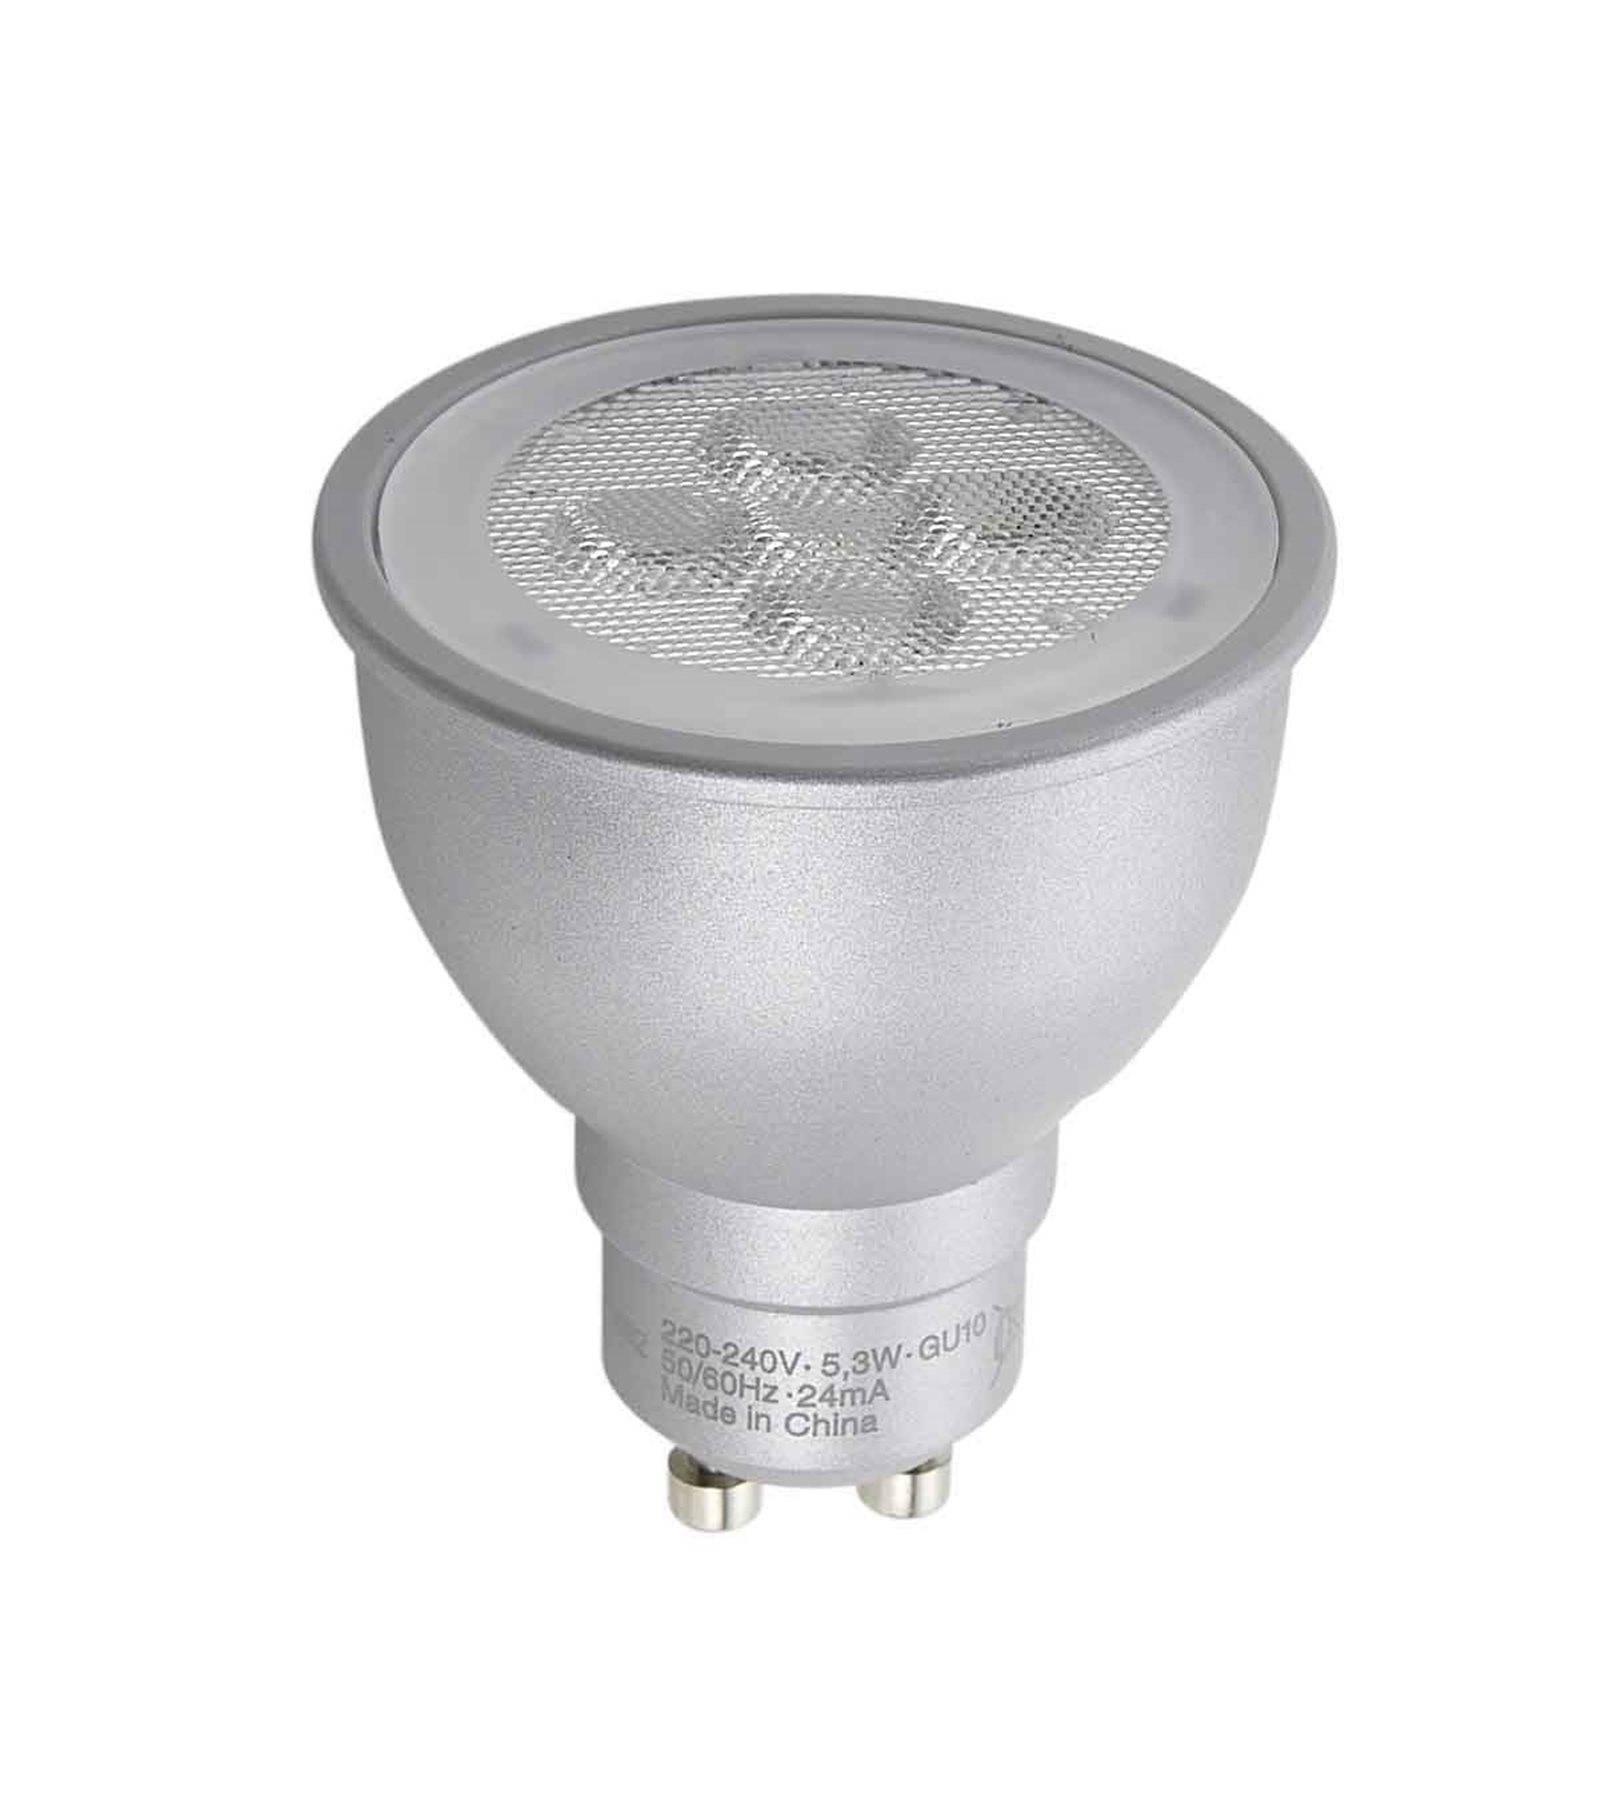 destockage ampoule led gu10 dimmable parathom par16 5 3w 350lm quiv 50w blanc chaud 36 osram. Black Bedroom Furniture Sets. Home Design Ideas